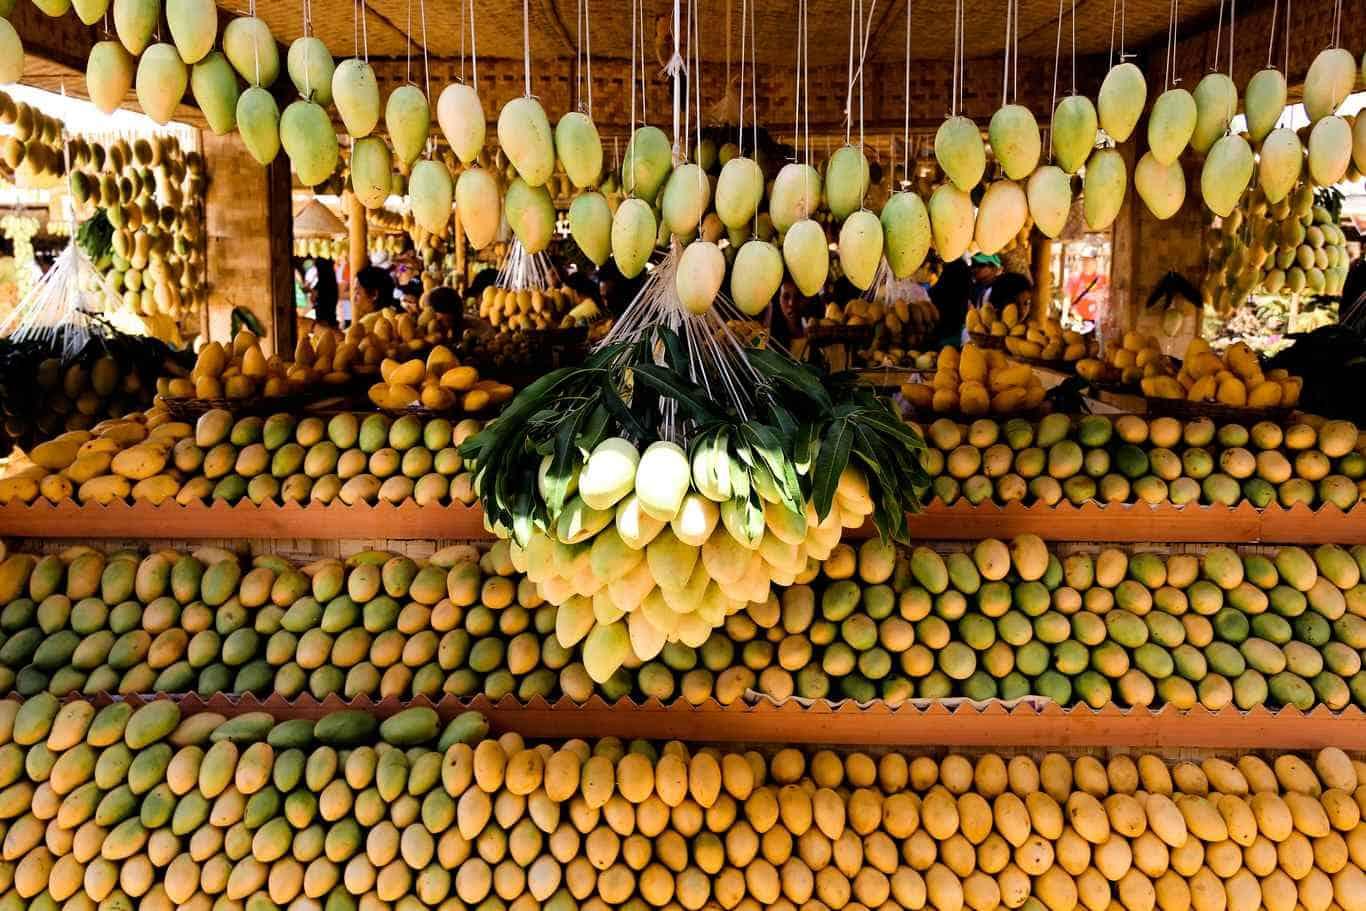 Tienes que hacerlo en Filipinas: comer mango